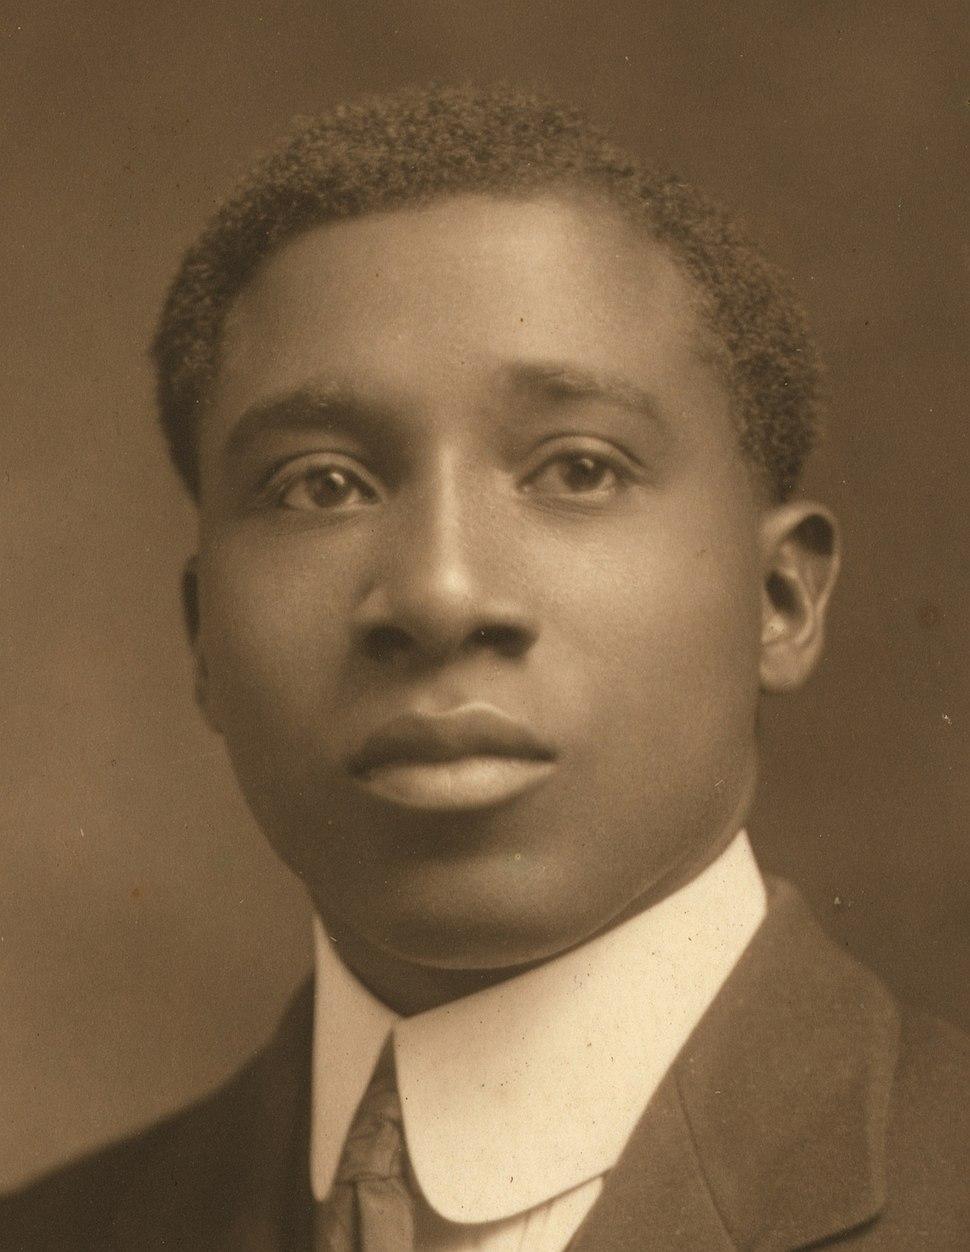 Robert Nathaniel Dett